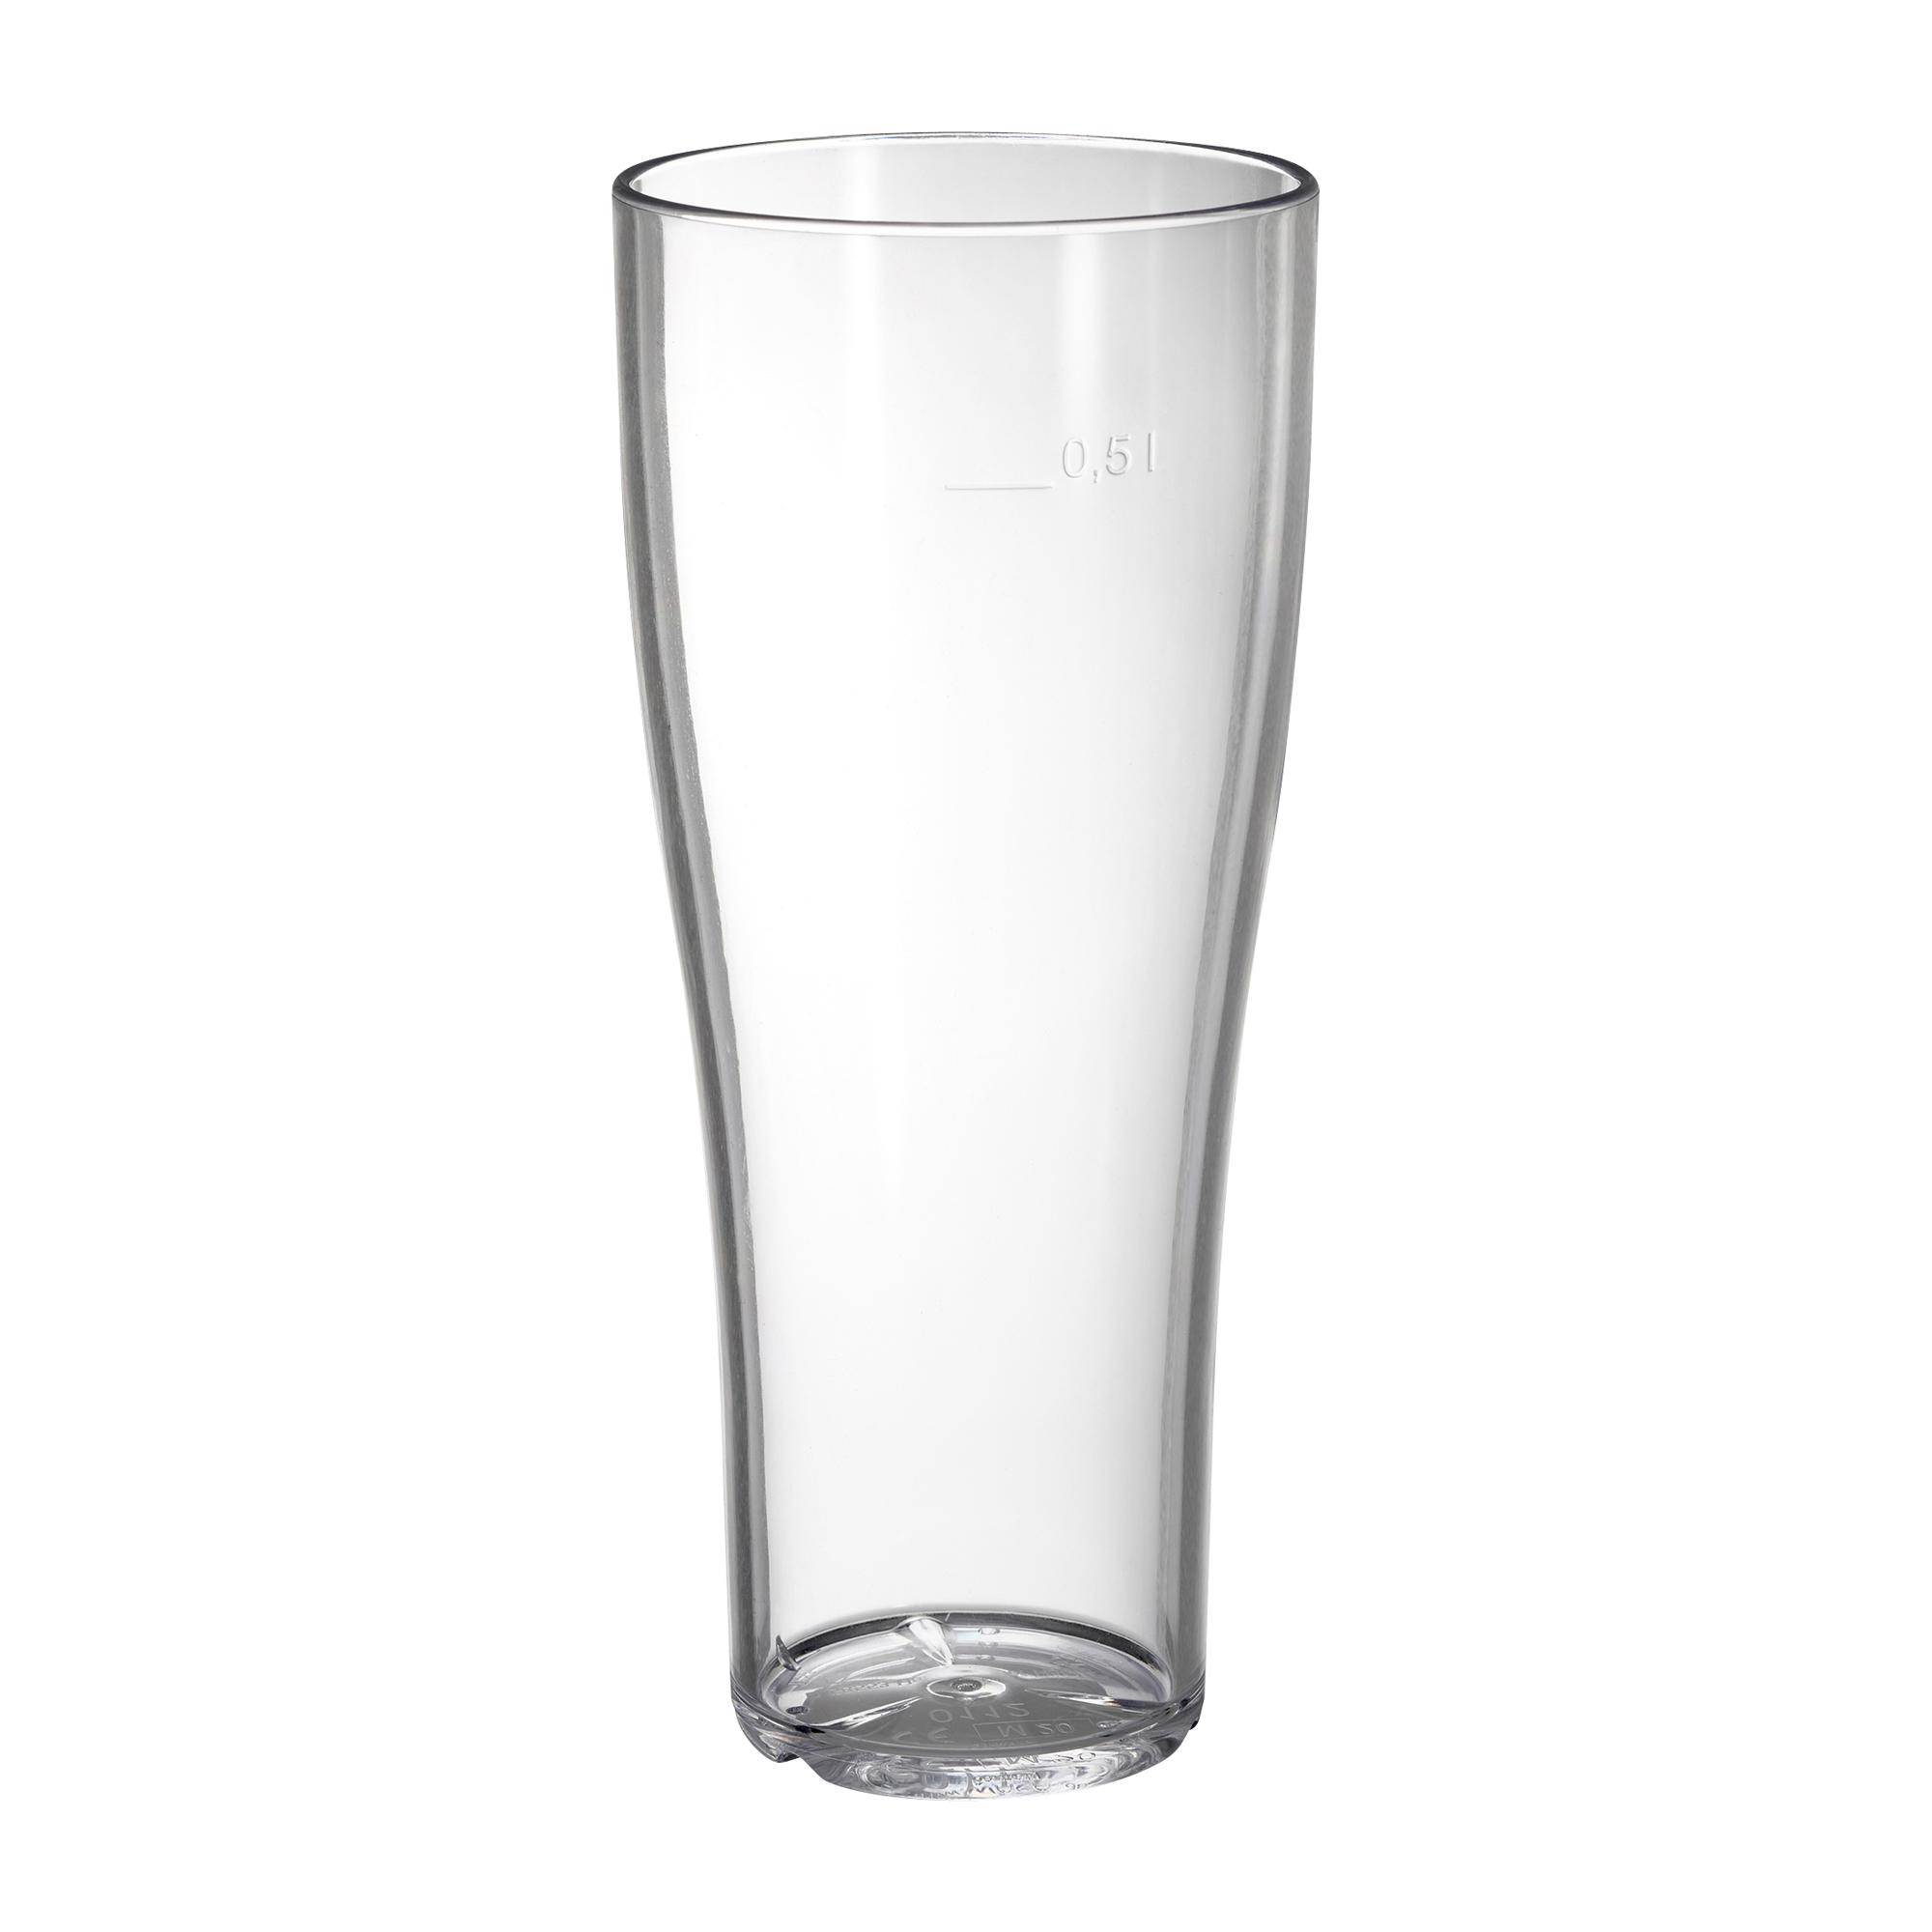 Bicchiere da birra in materiale infrangibile lexan asmc avventura sicurezza militare - Normativa abbigliamento cucina ...